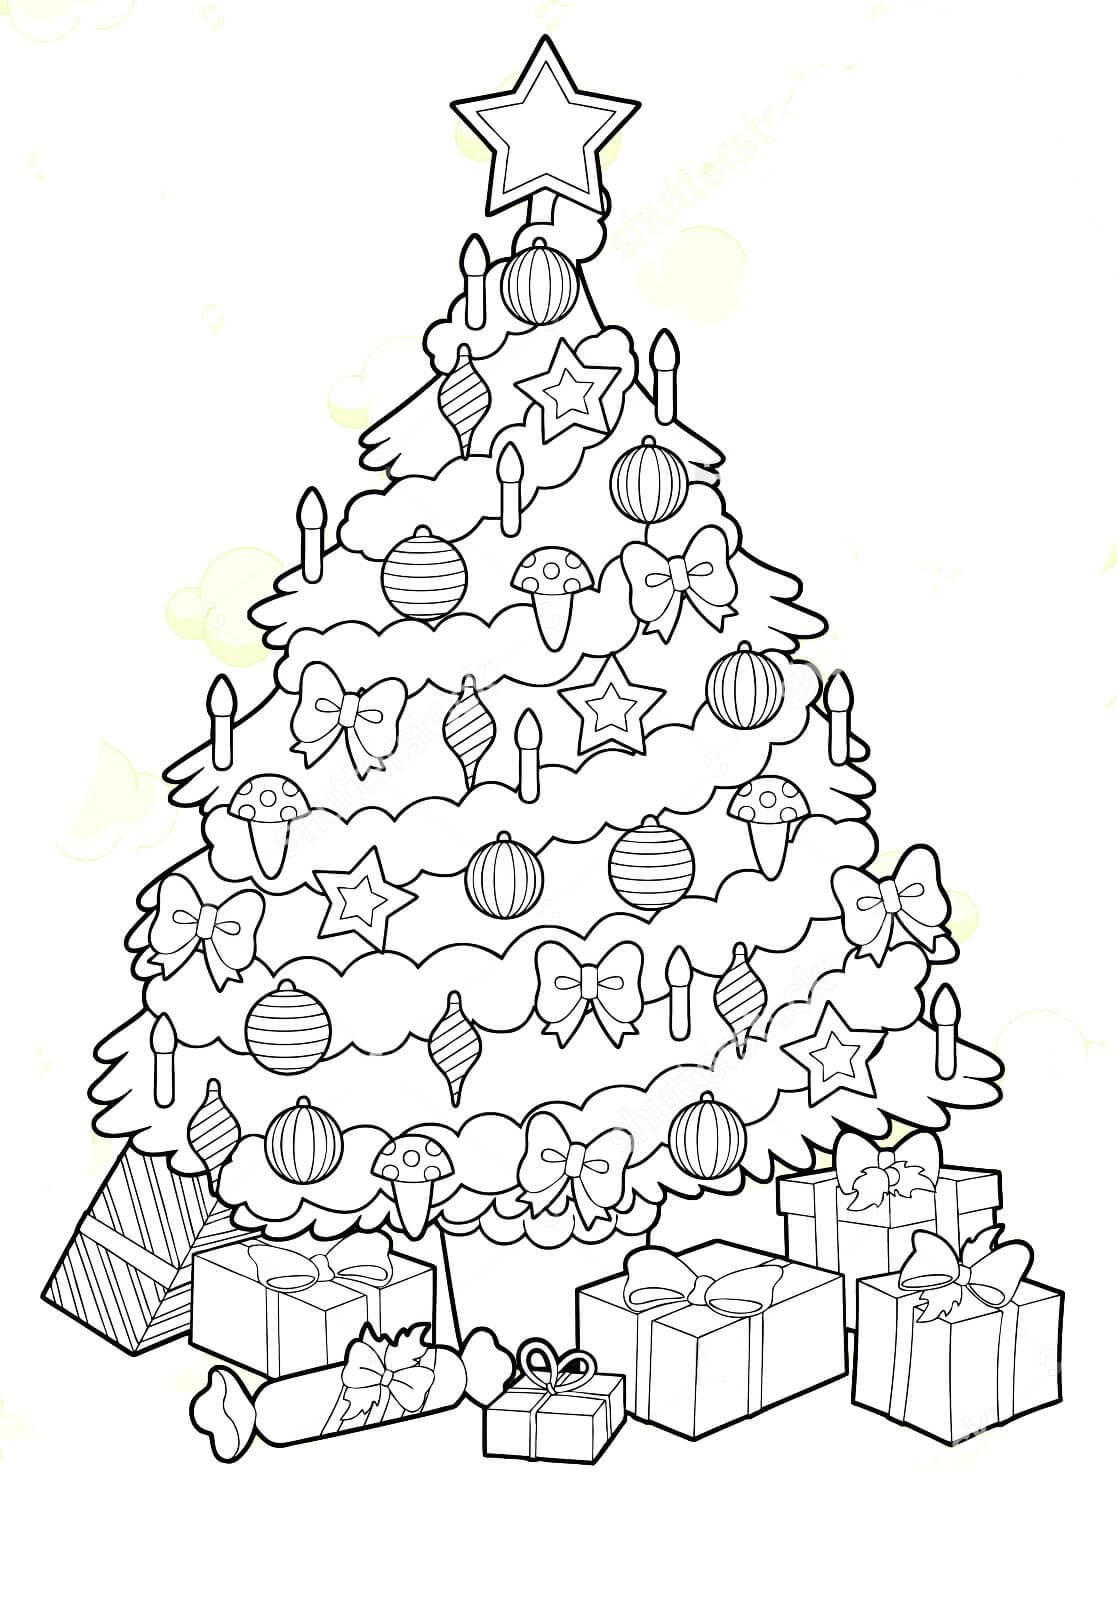 Картинки и рисунки новогодней елки для детей - подборка 18